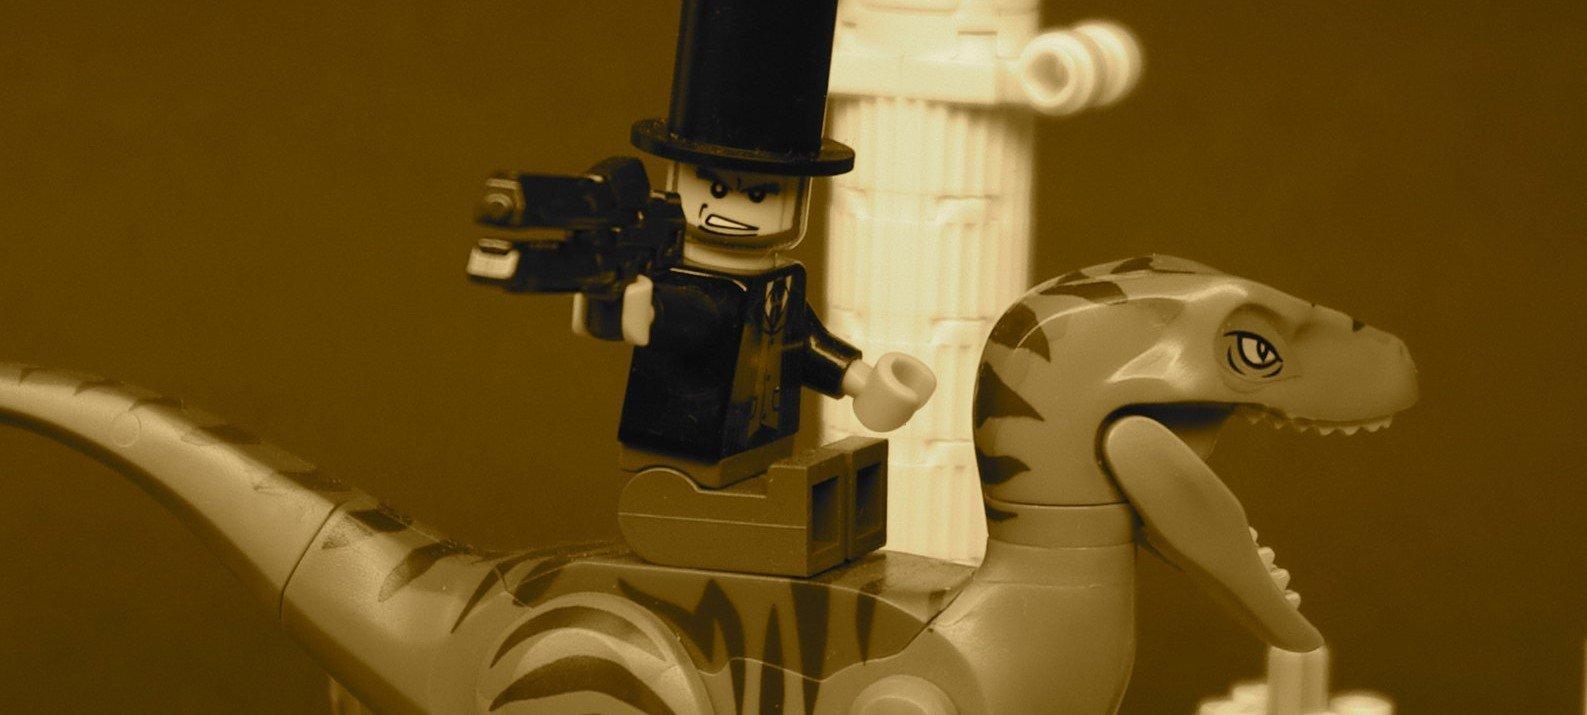 Saya tidak pasti apa kaitan foto Abe Lincoln yang menunggang Raptor ini dengan kalkulator protein, tetapi sangat mengagumkan.